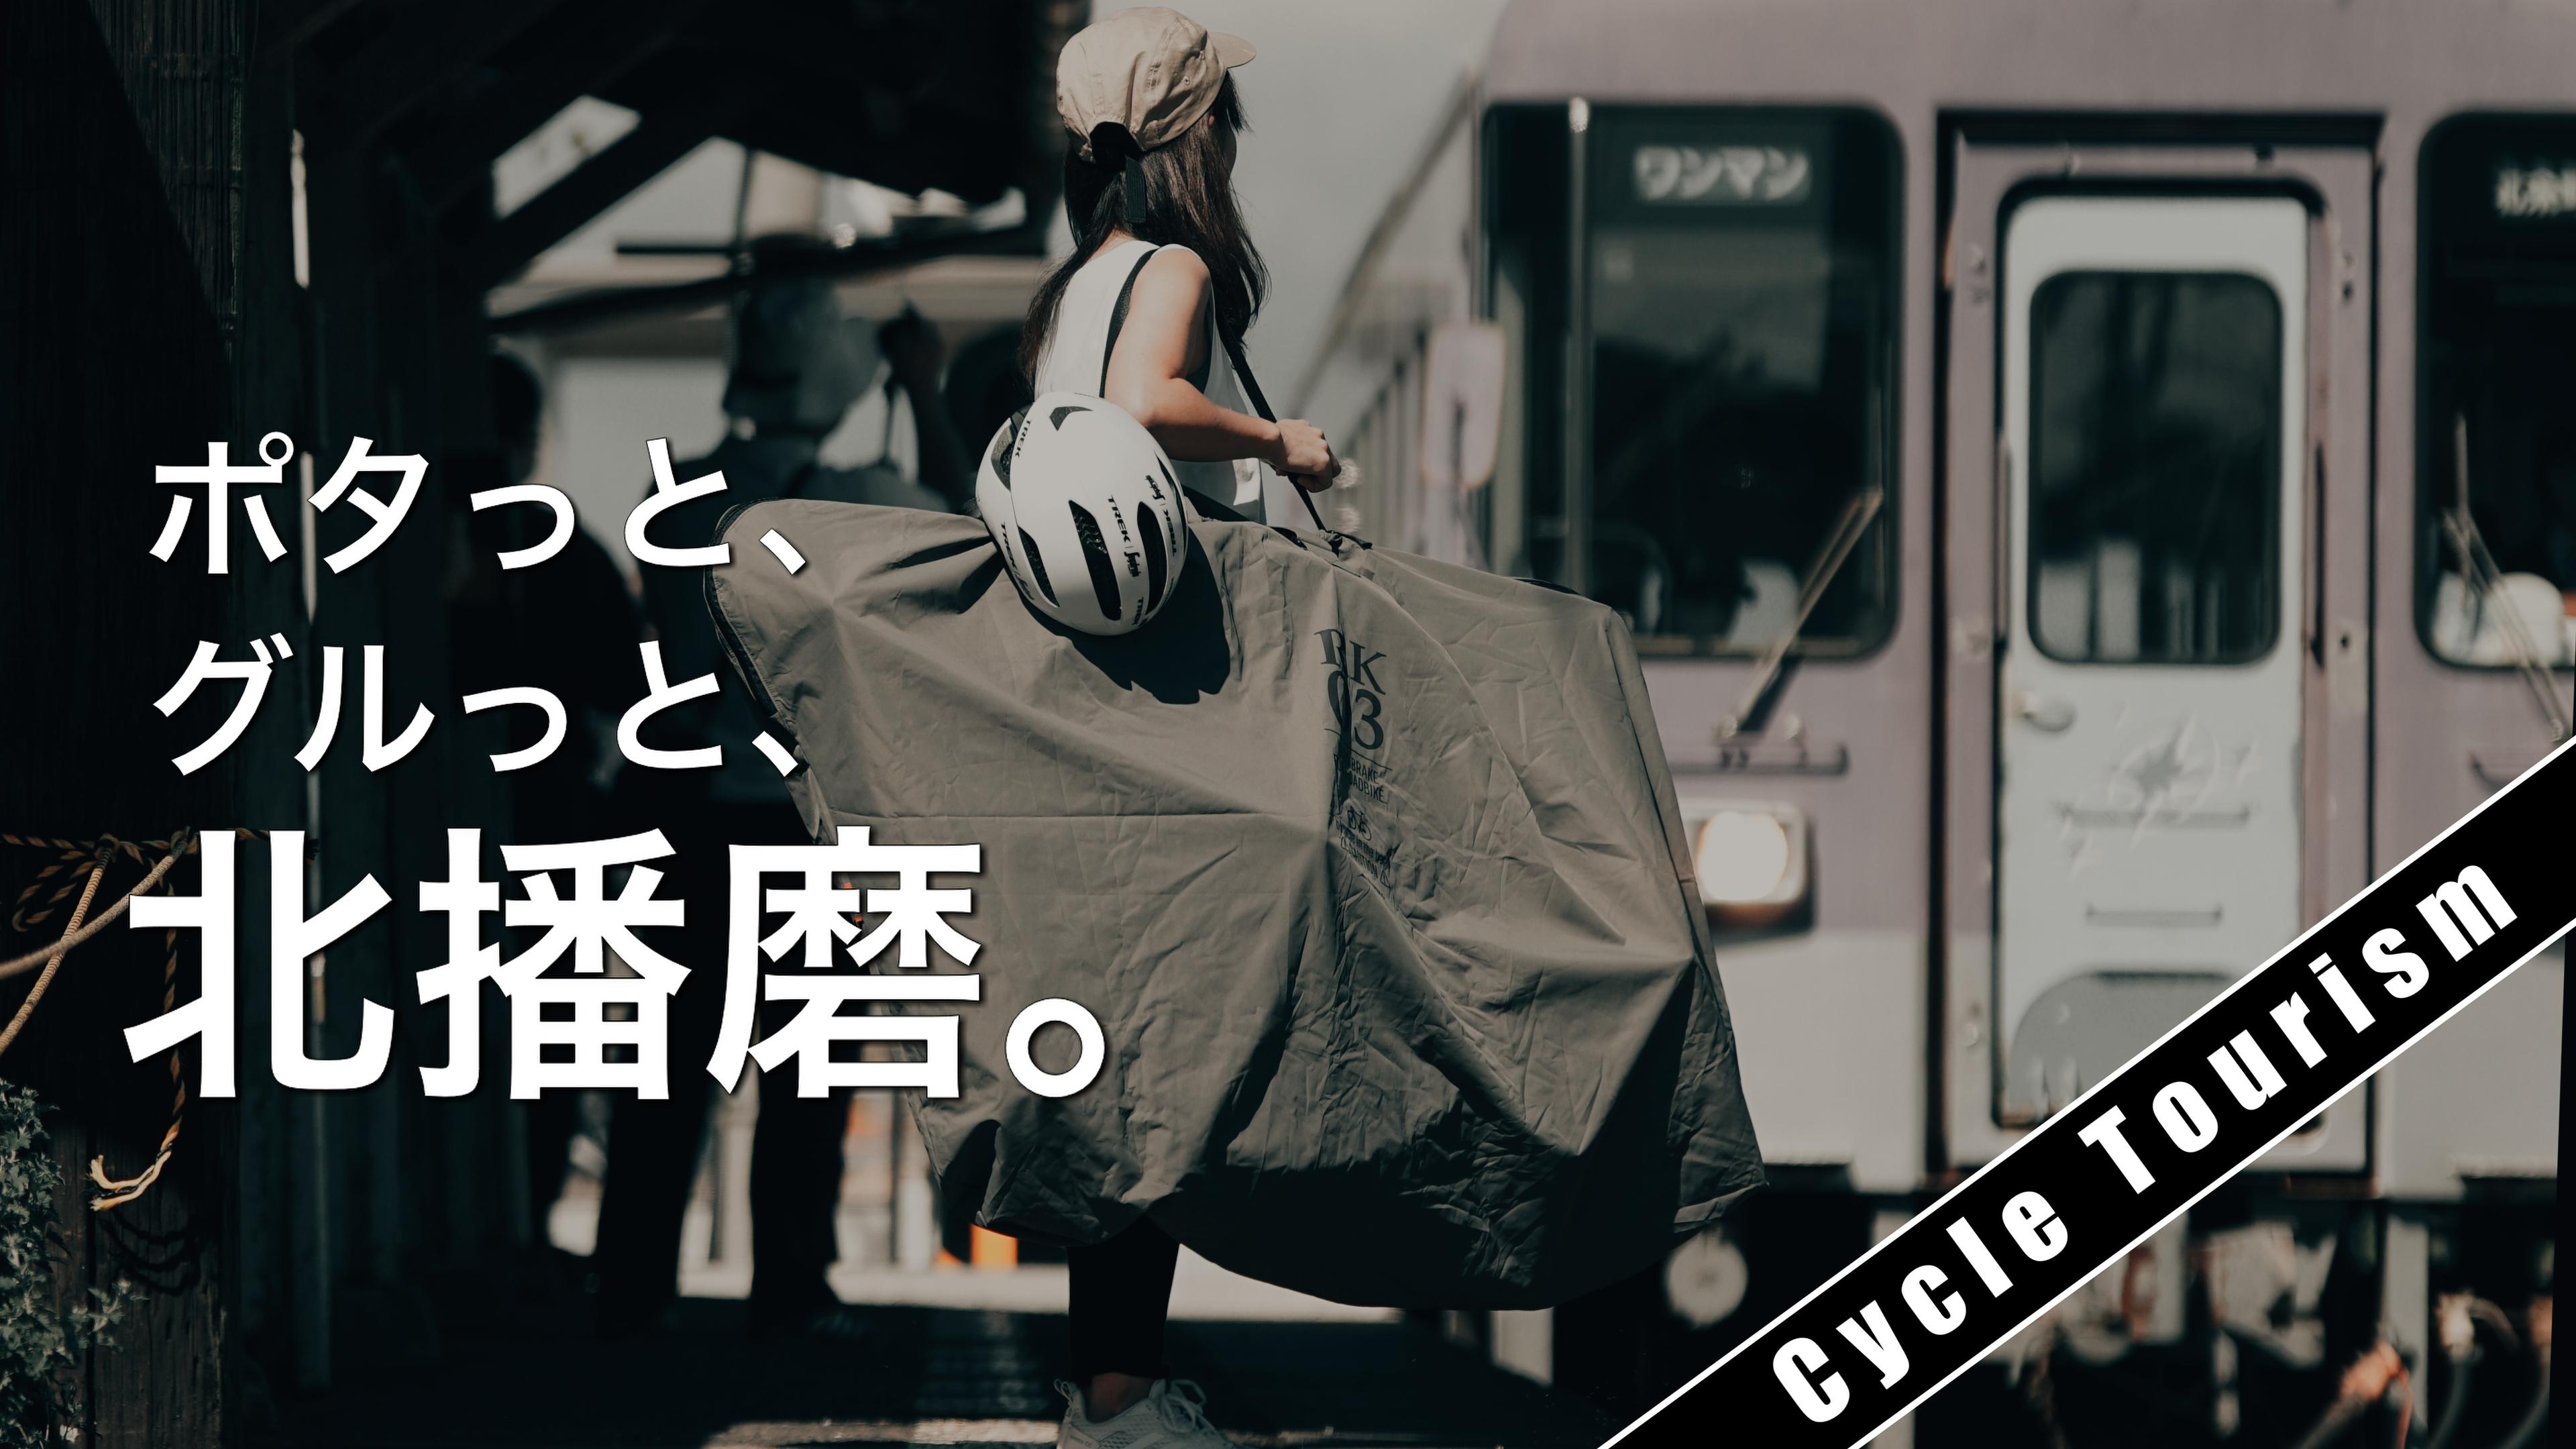 サイクリング動画「ポタっと、グルっと、北播磨 」を公開